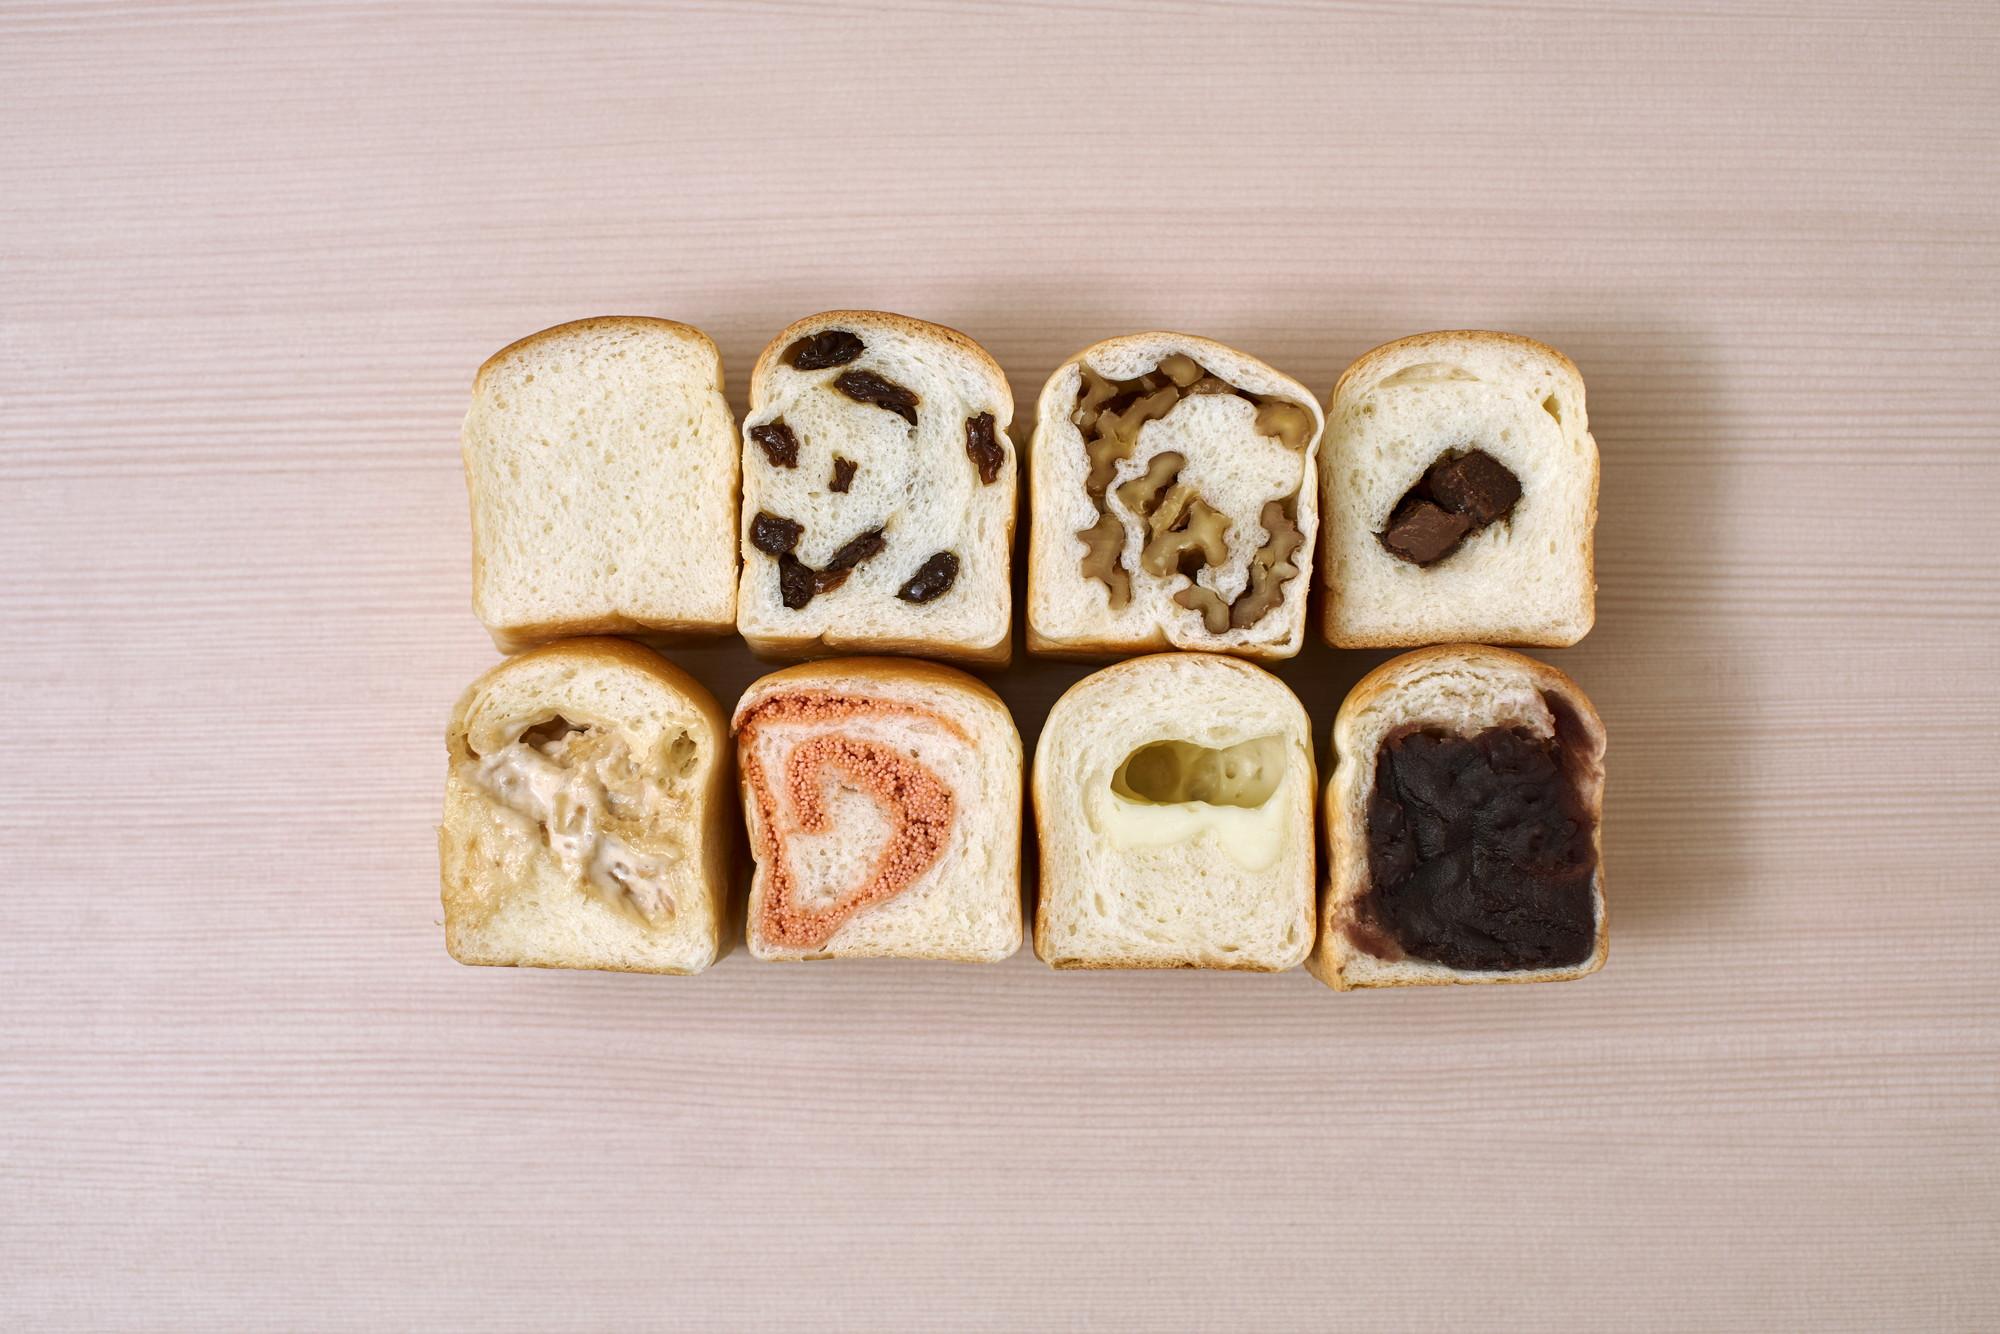 高級食パン専門店「EIGHT BREAD PREMIUM」に新フレーバー登場!通販も可能